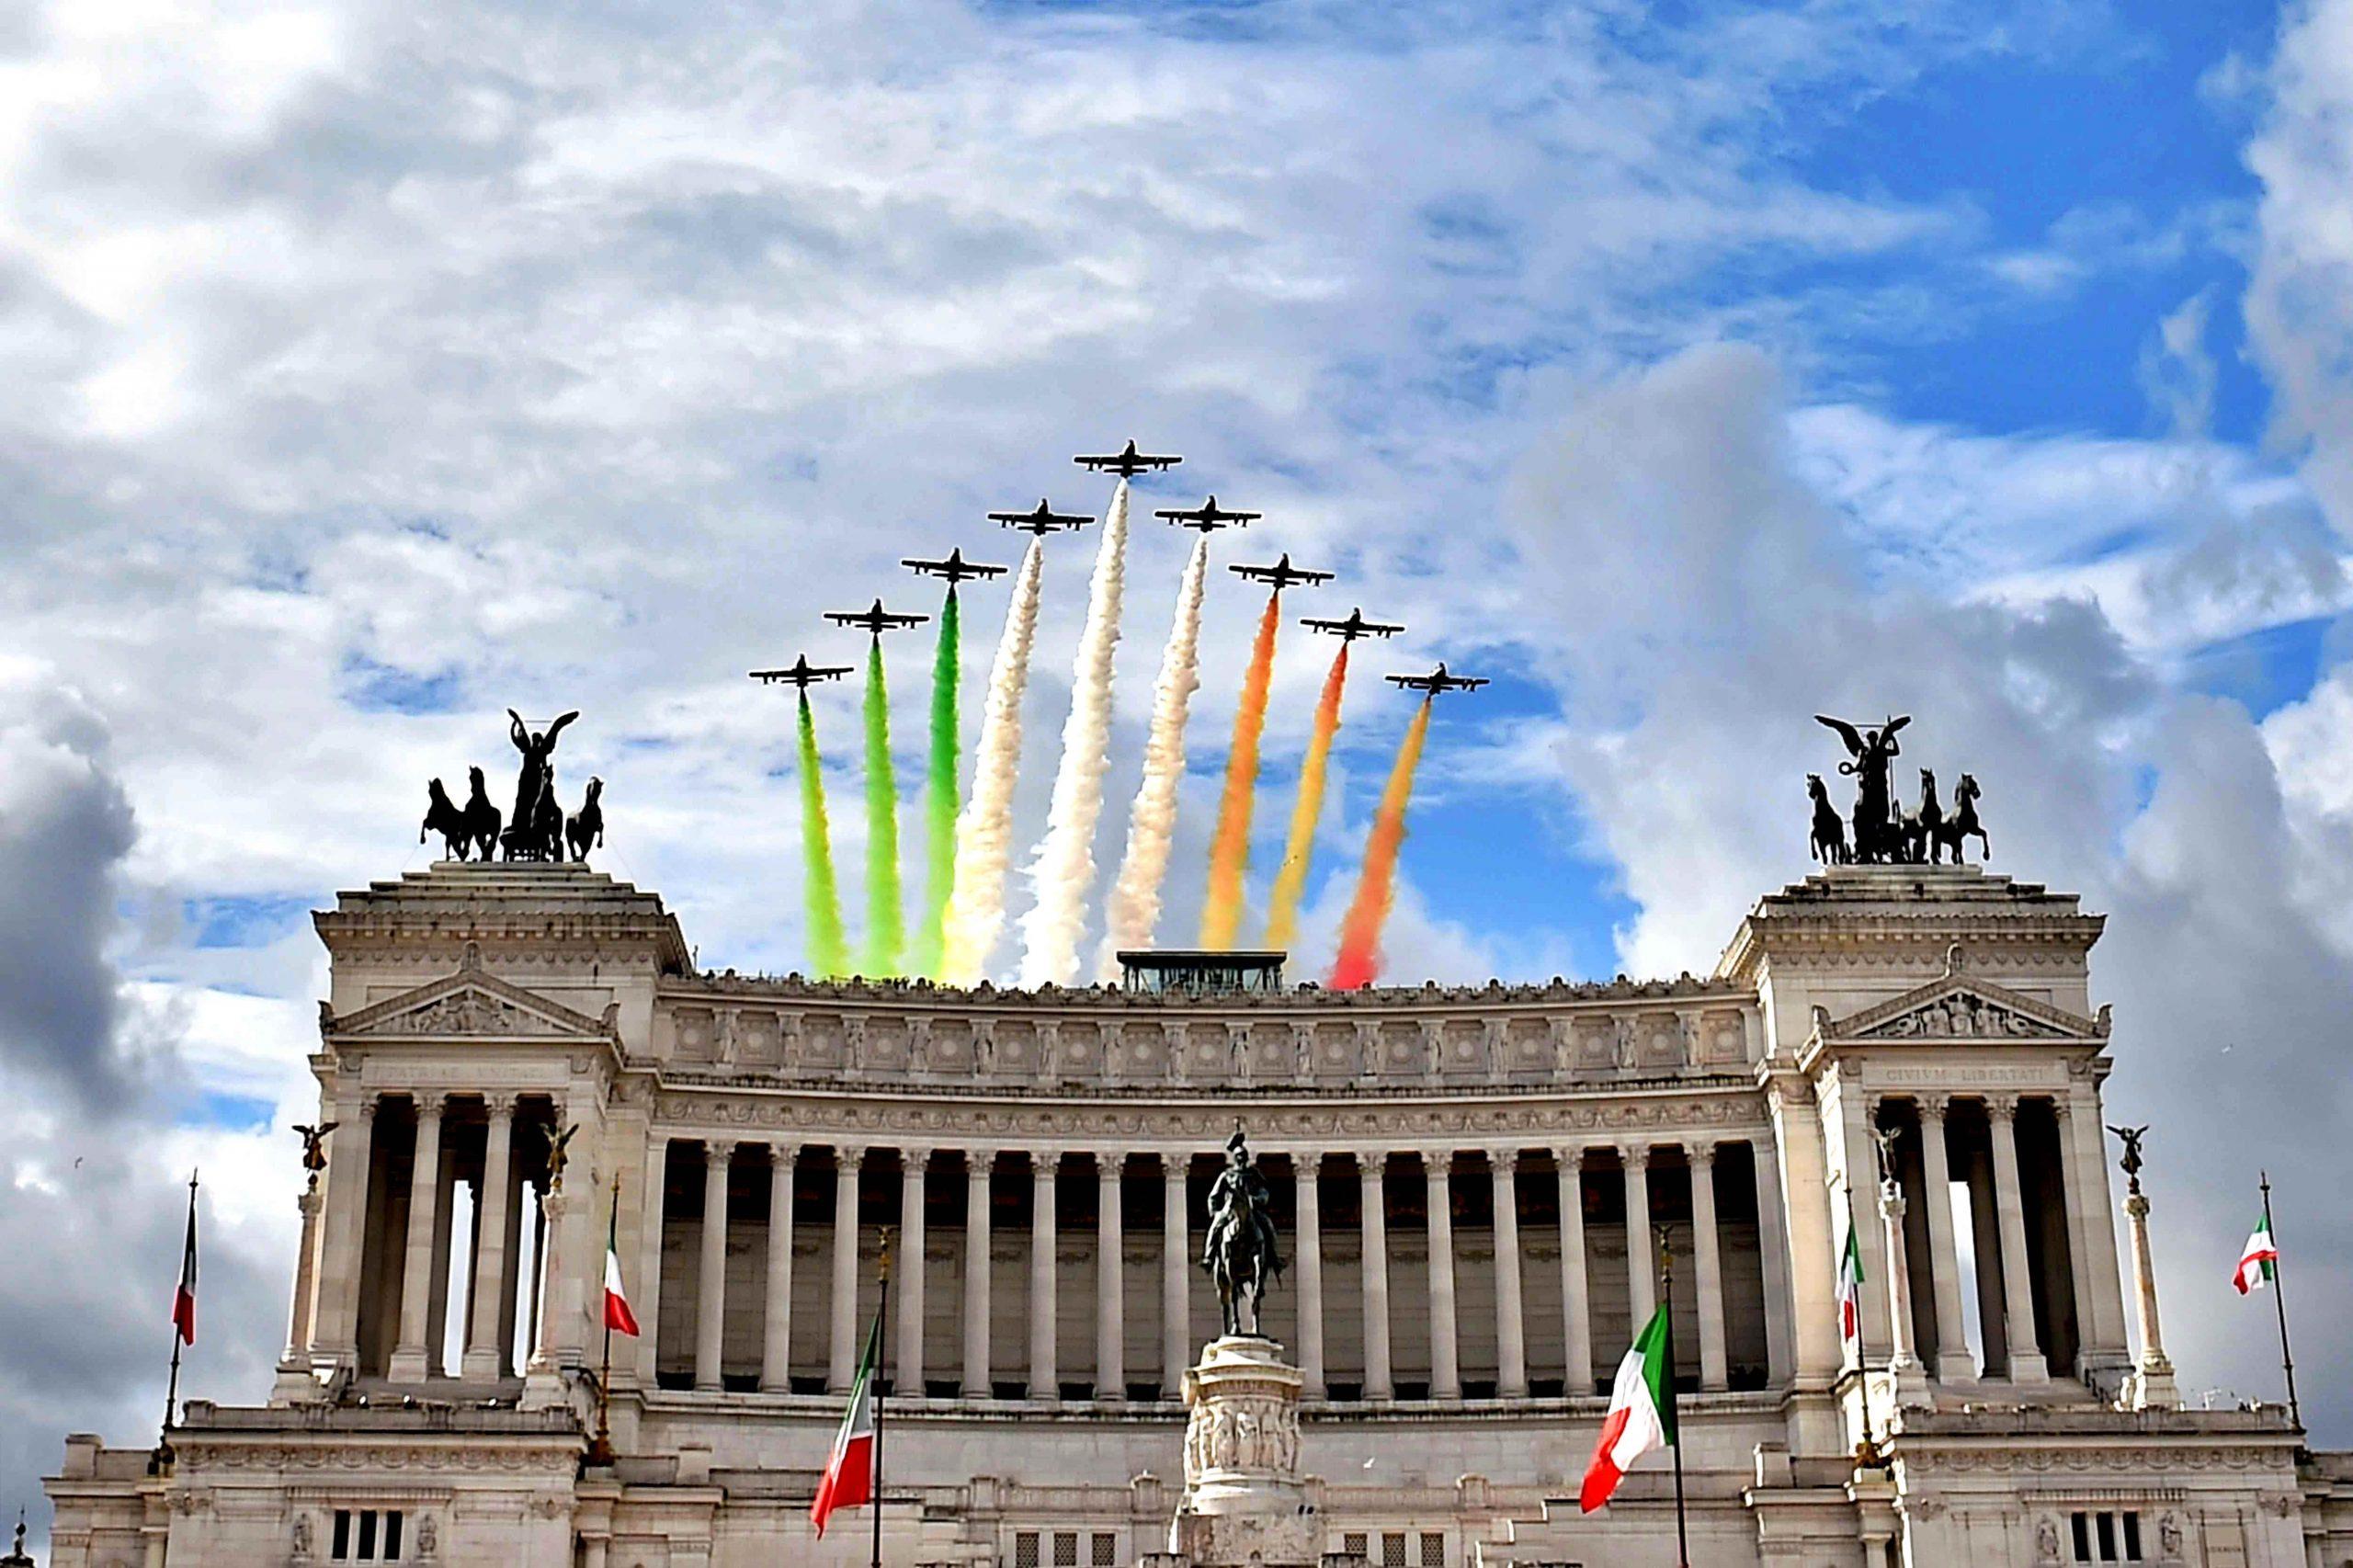 Festa della Repubblica, ripartire da una nuova resistenza contro chi vuole annientare la libertà umana